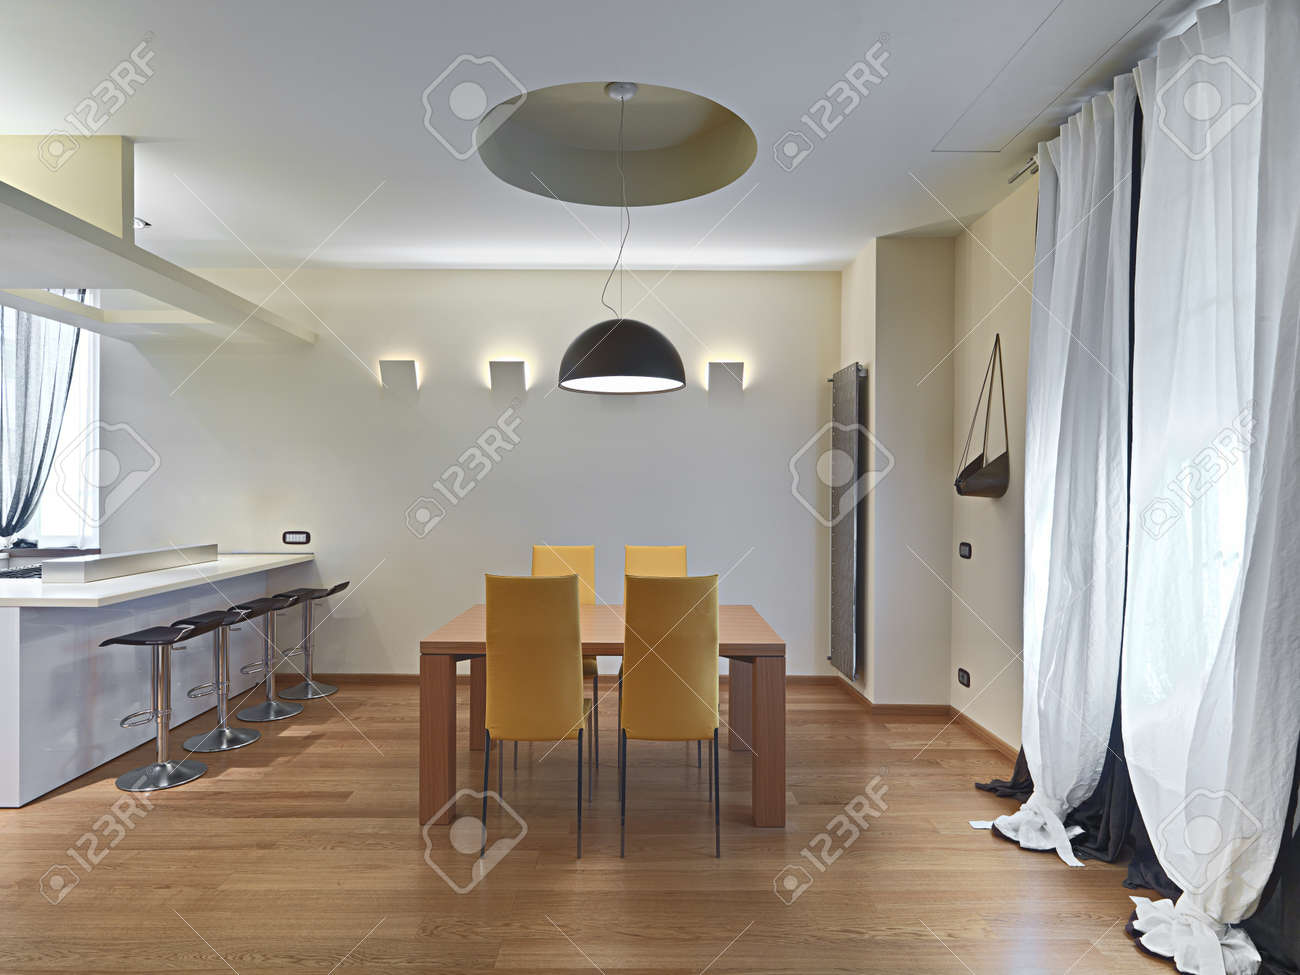 Banque Du0027images   Salle à Manger Moderne Avec Des Chaises En Cuir Jaune Et  Table En Bois, Plancher Nade Du Parquet.